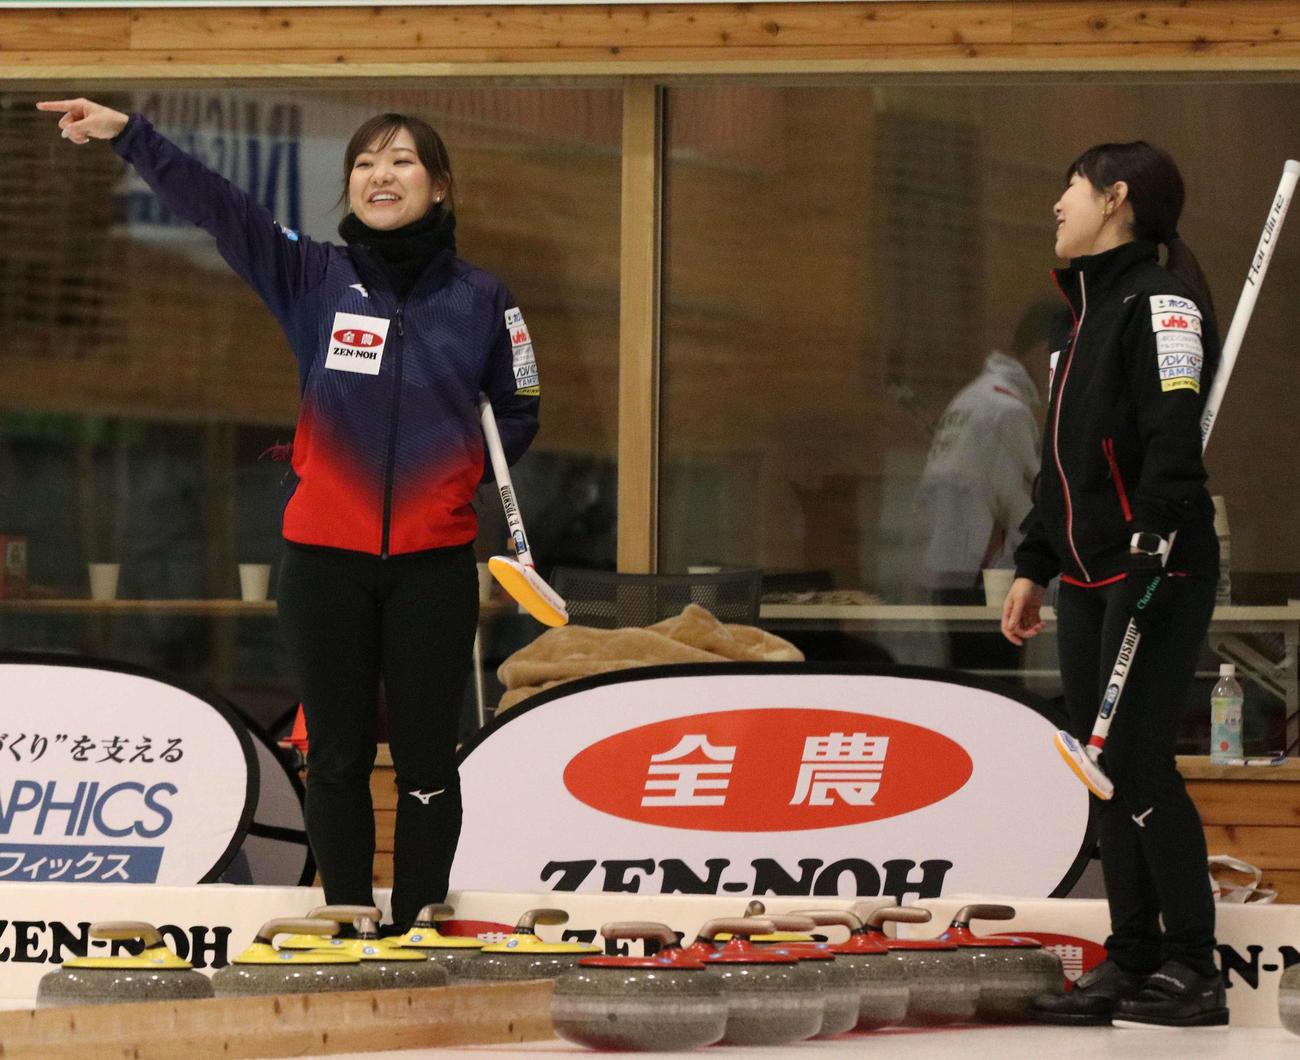 試合前に談笑する吉田姉妹。左が知那美、右が夕梨花(撮影・浅水友輝)